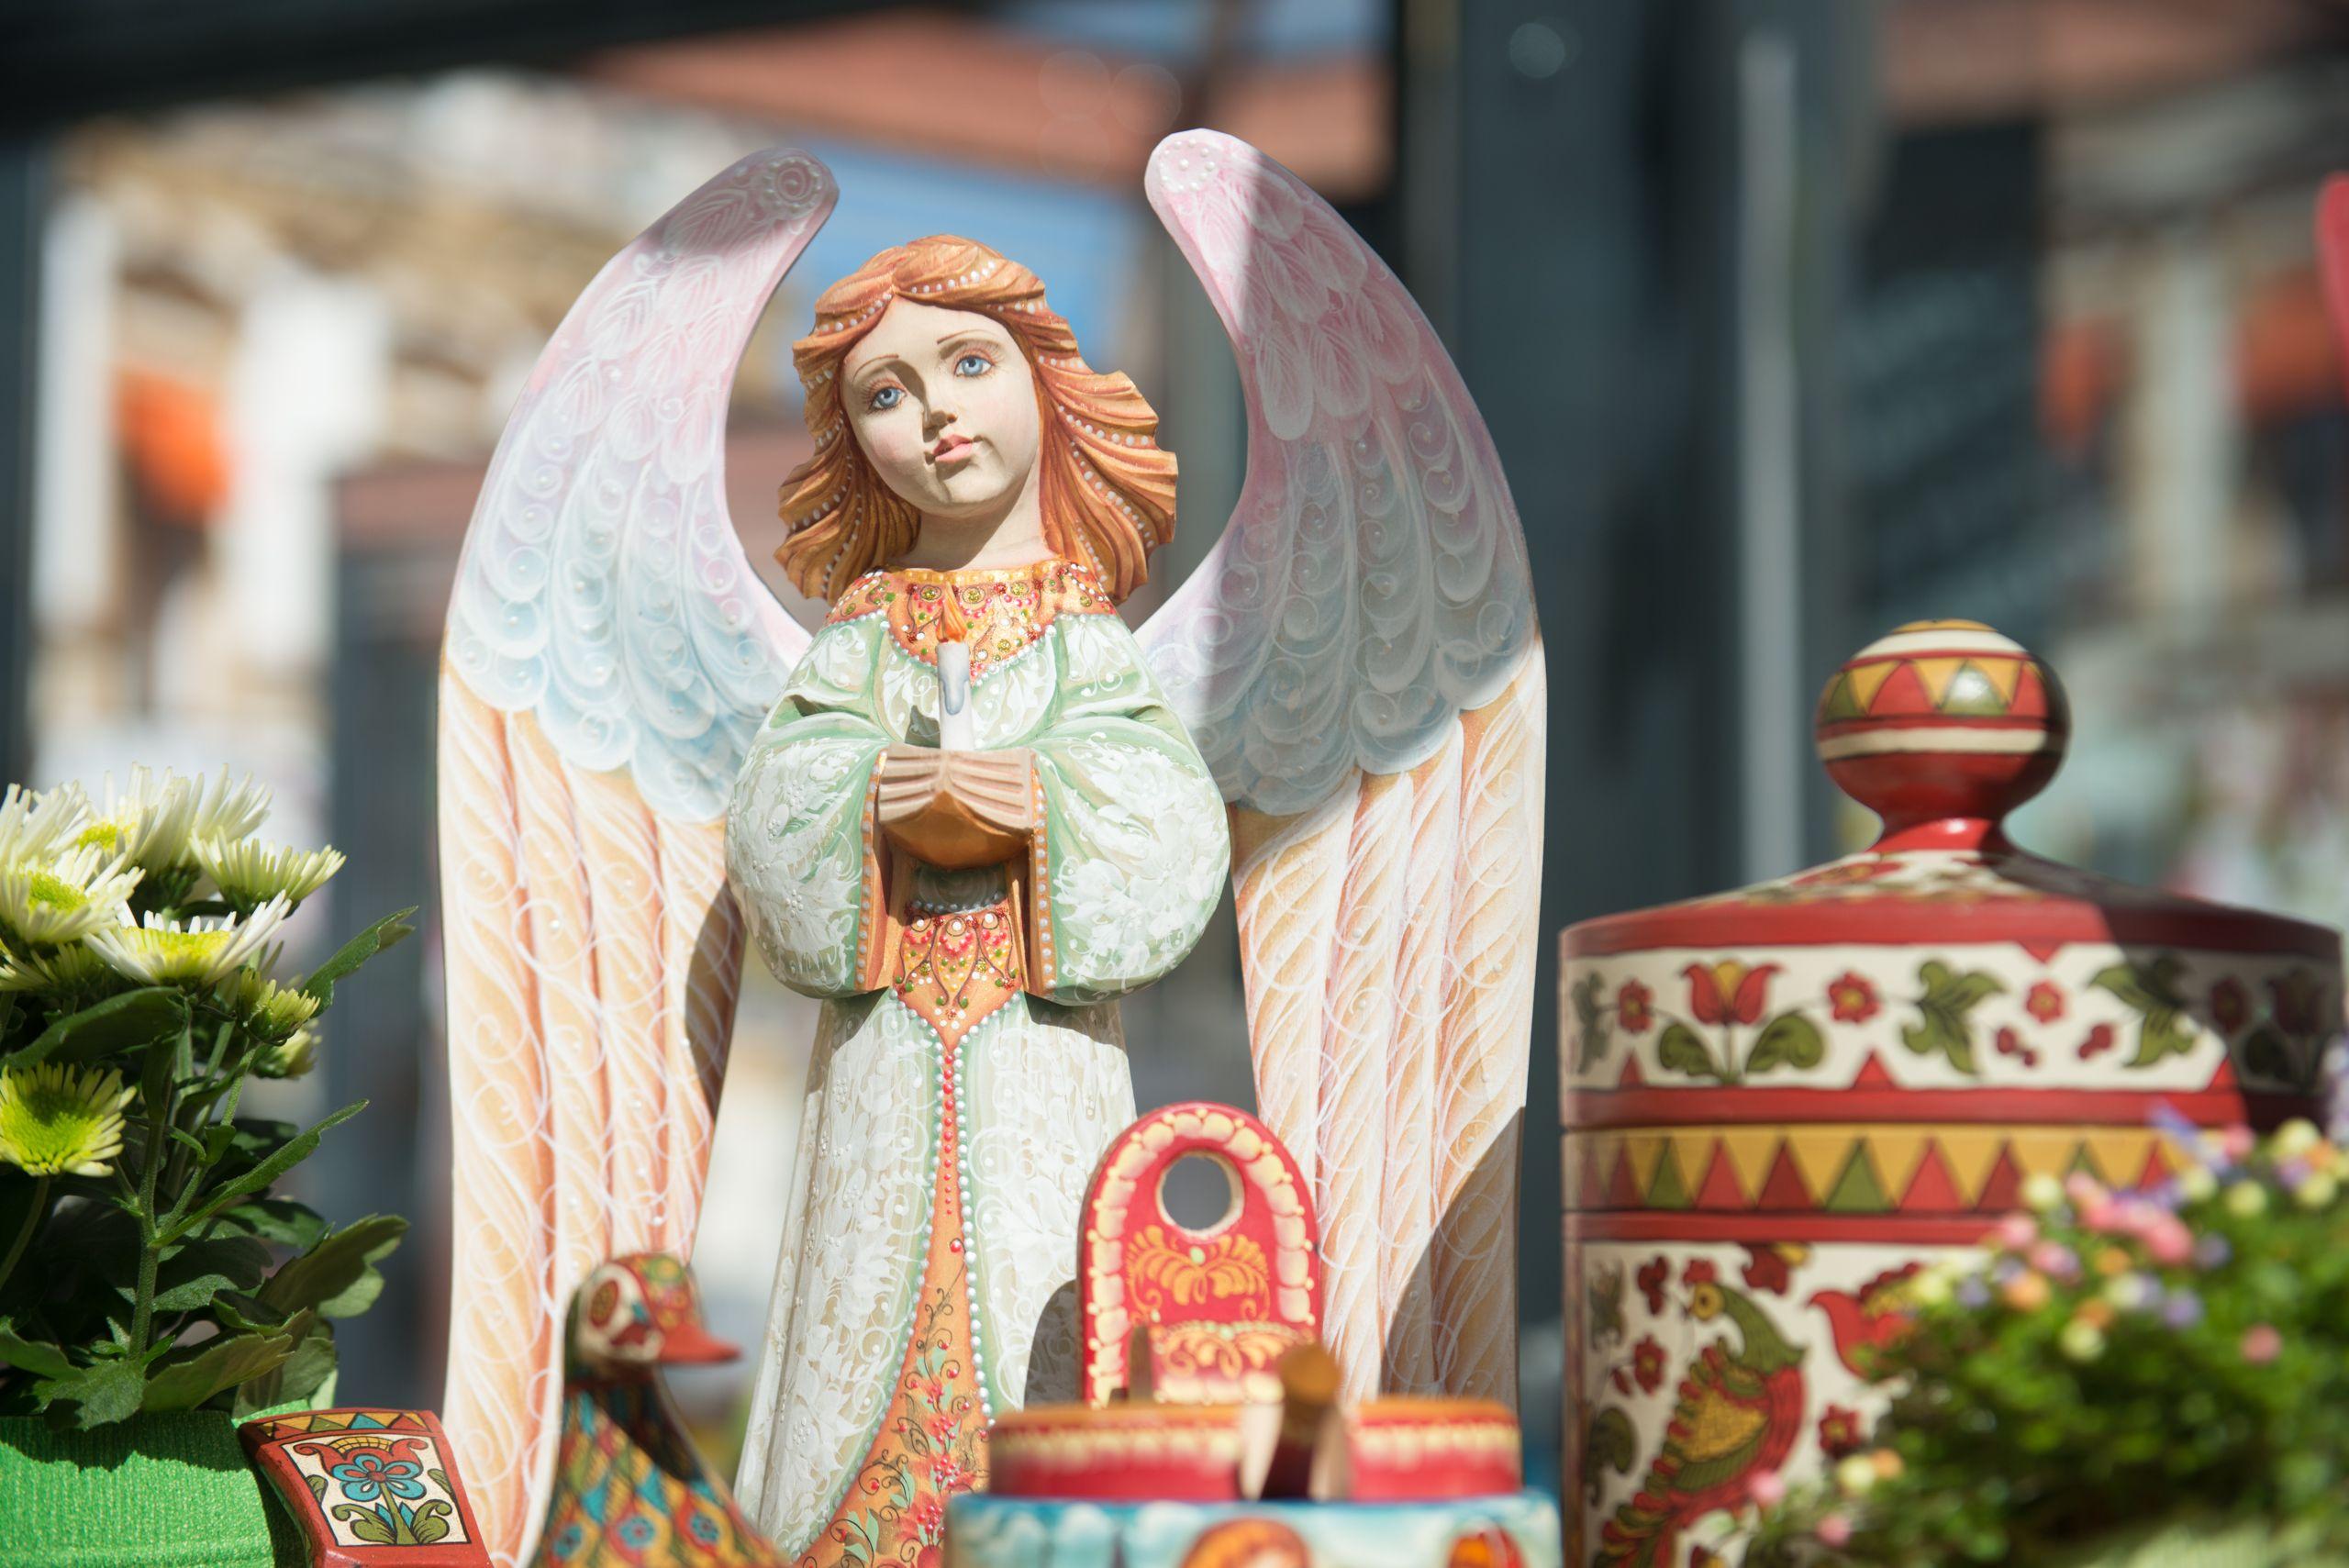 Фестиваль «Пасхальный дар» откроет кулинарную школу на юге Москвы